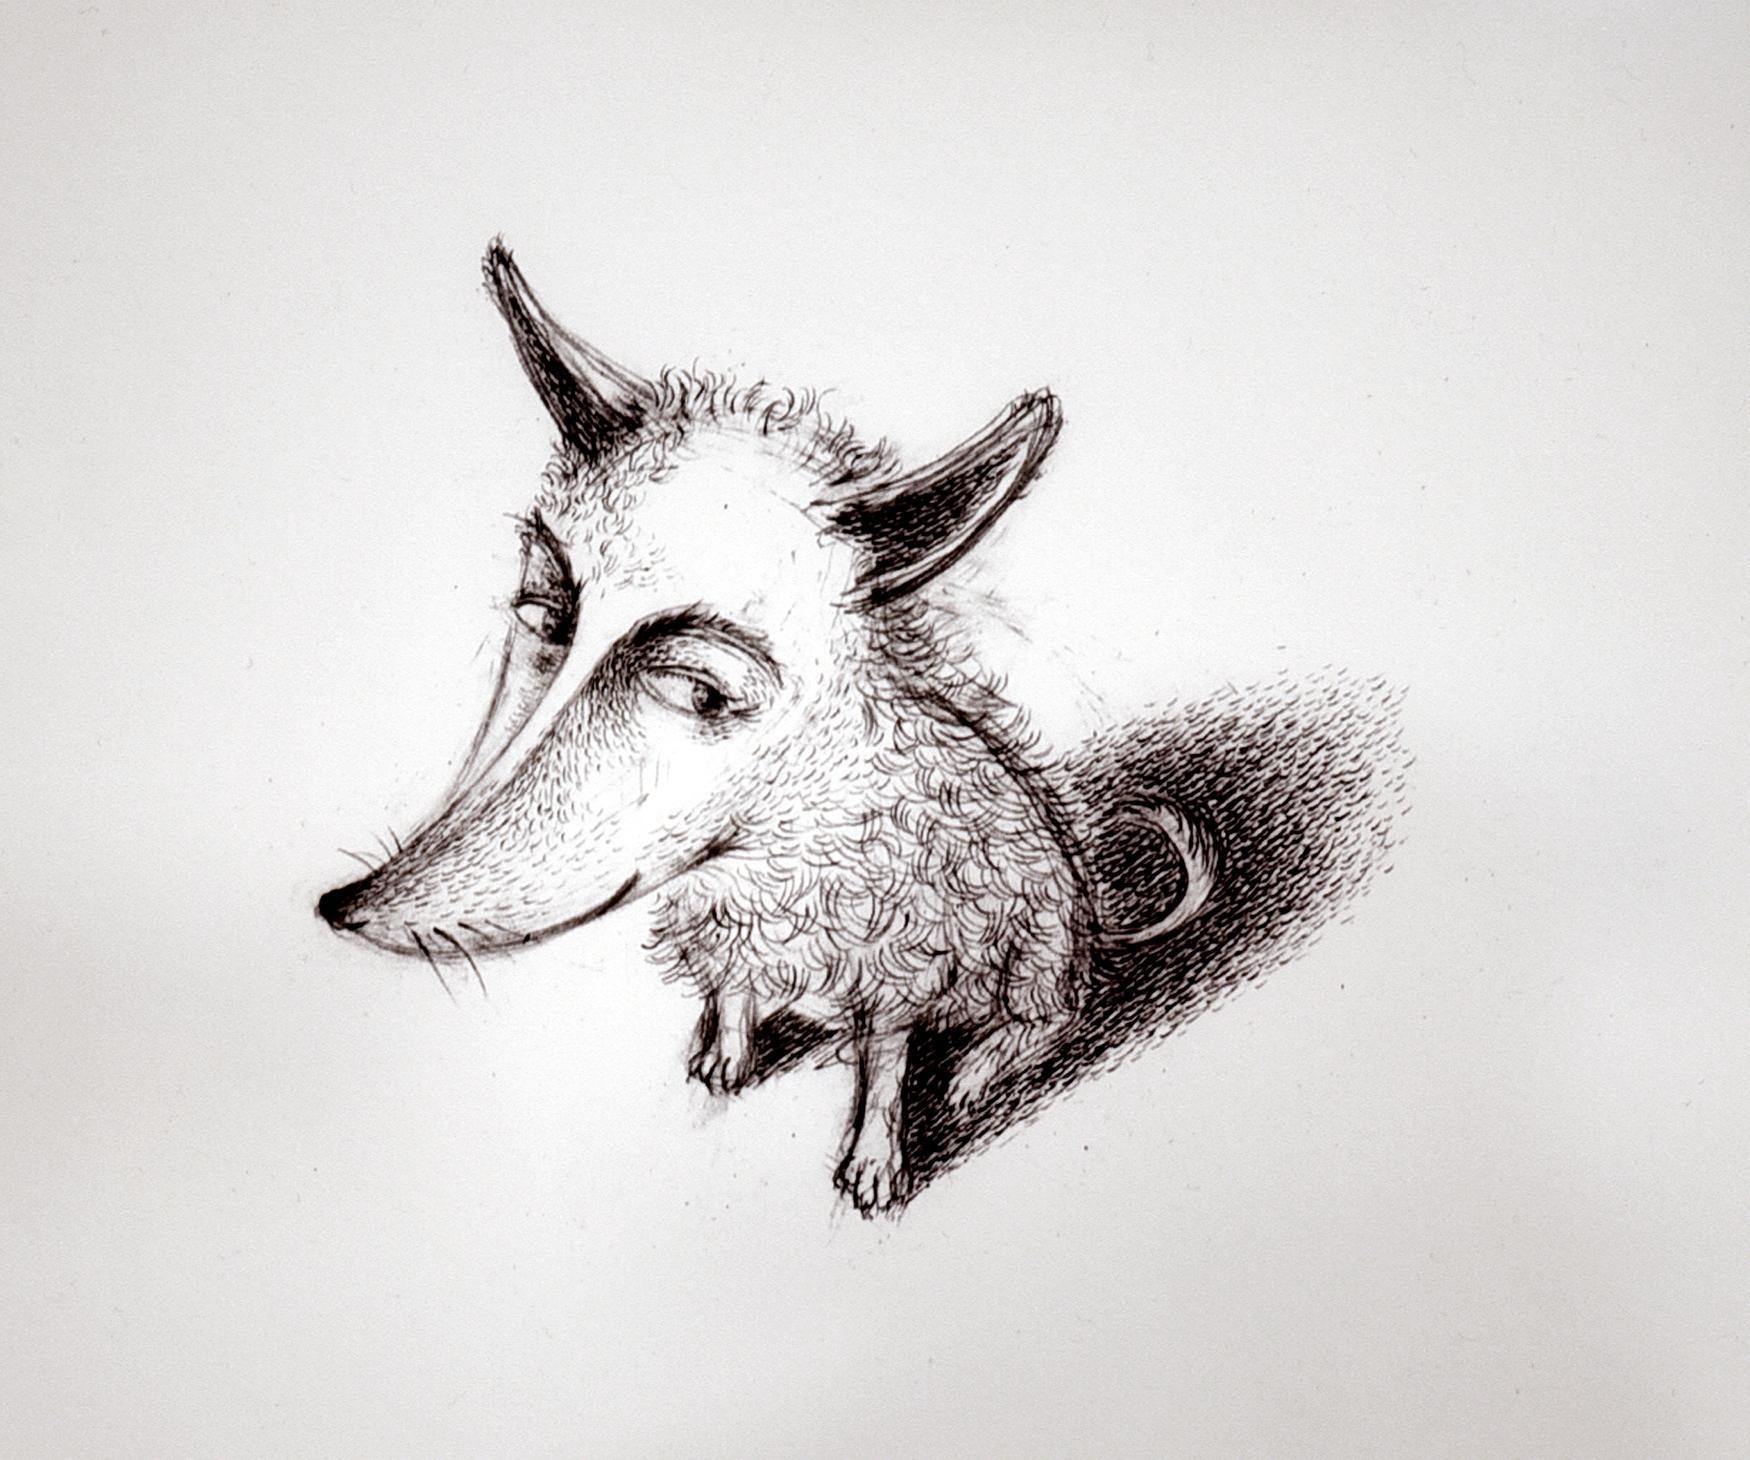 My Bad Dog by Alex Gerasev